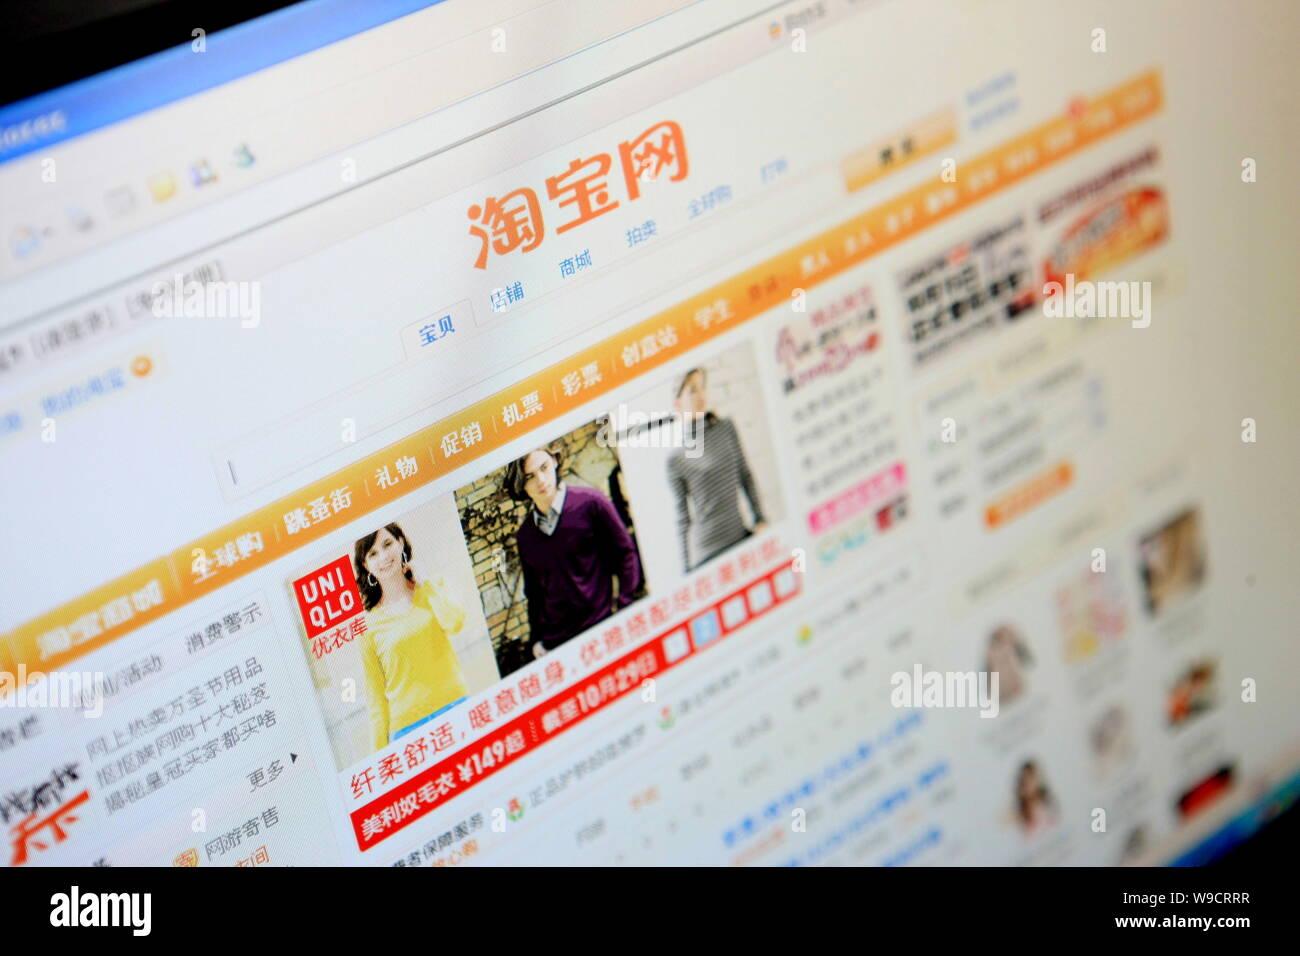 Alibaba Com Screen Stock Photos & Alibaba Com Screen Stock